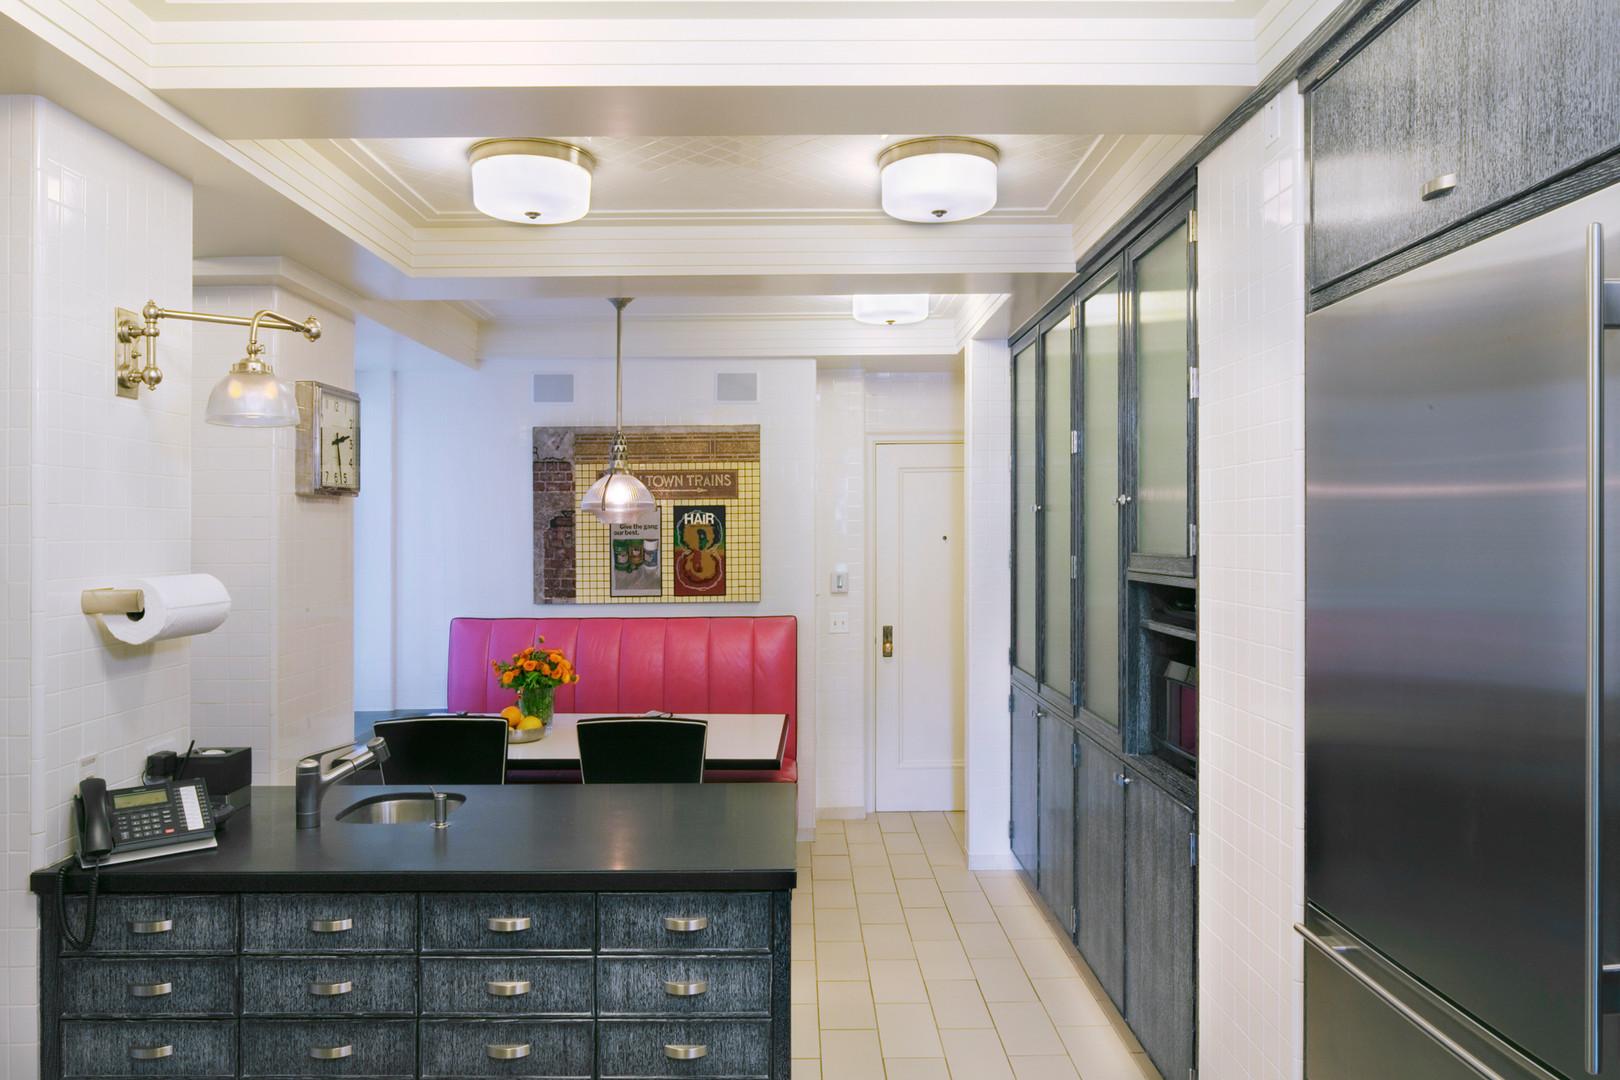 10 Gorfine Kitchen to Banquette.jpg